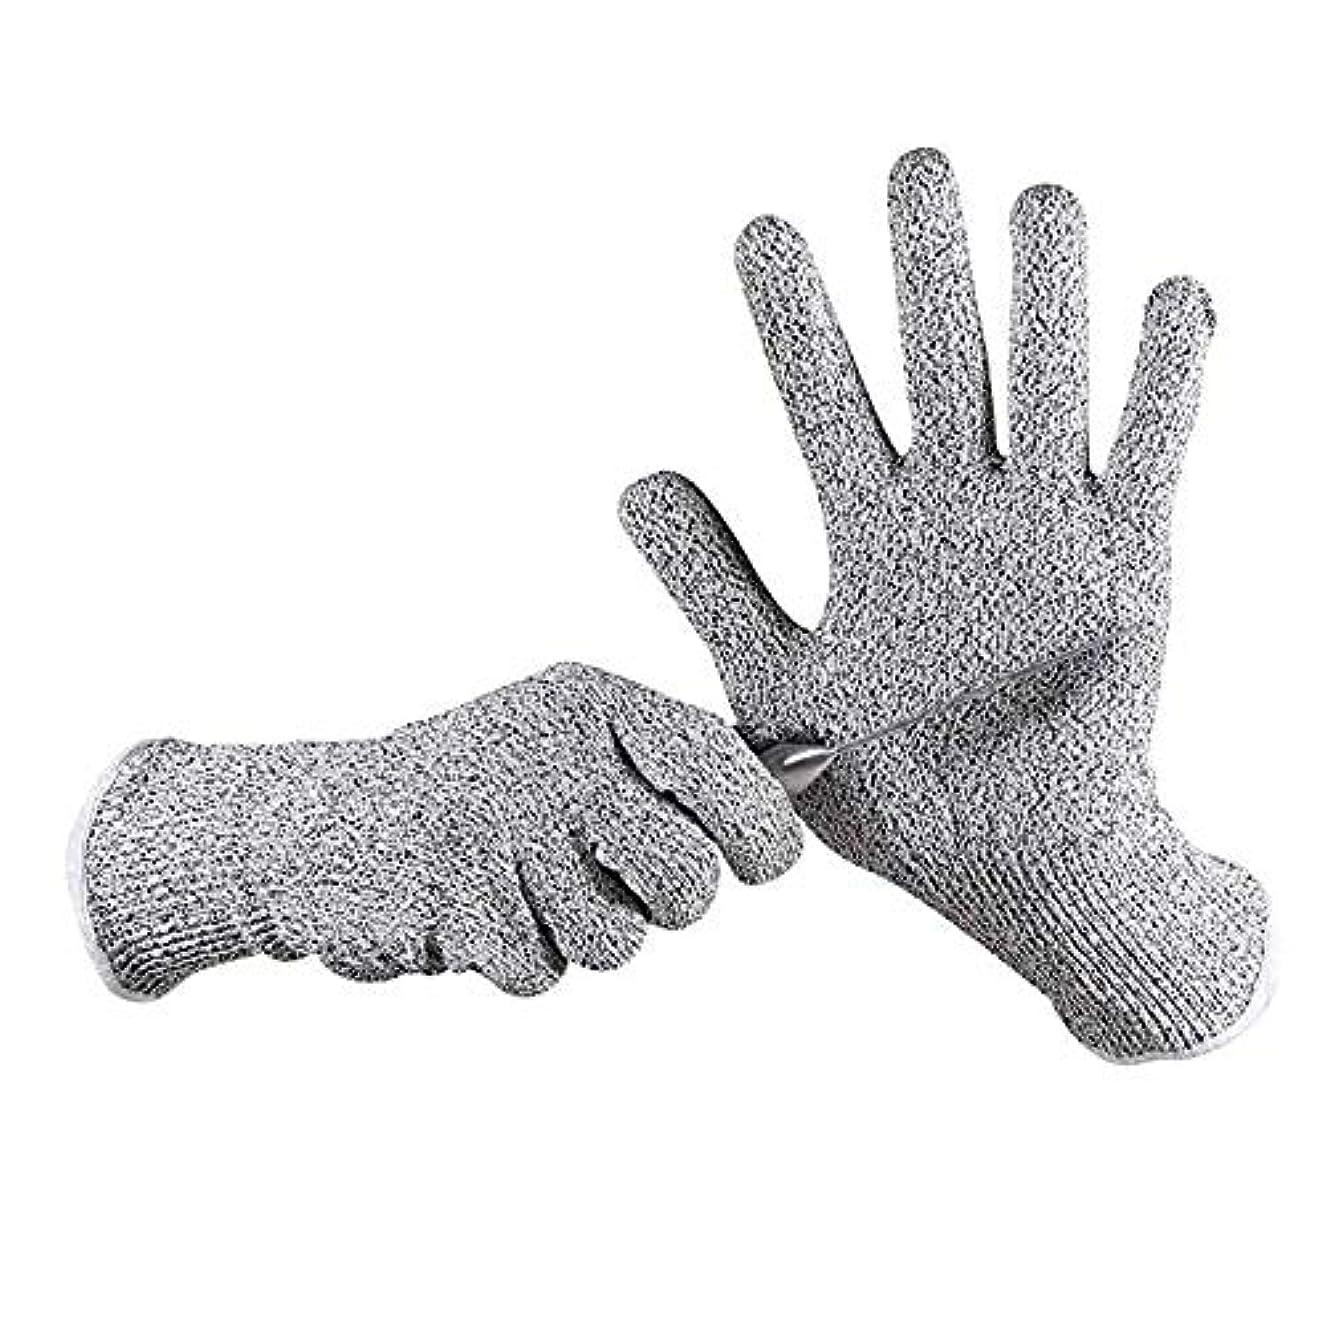 チラチラする模索鉛筆カット性手袋、高性能レベル5の保護、食品グレード、安全キッチン作業や園芸用手袋をカット、1ペア